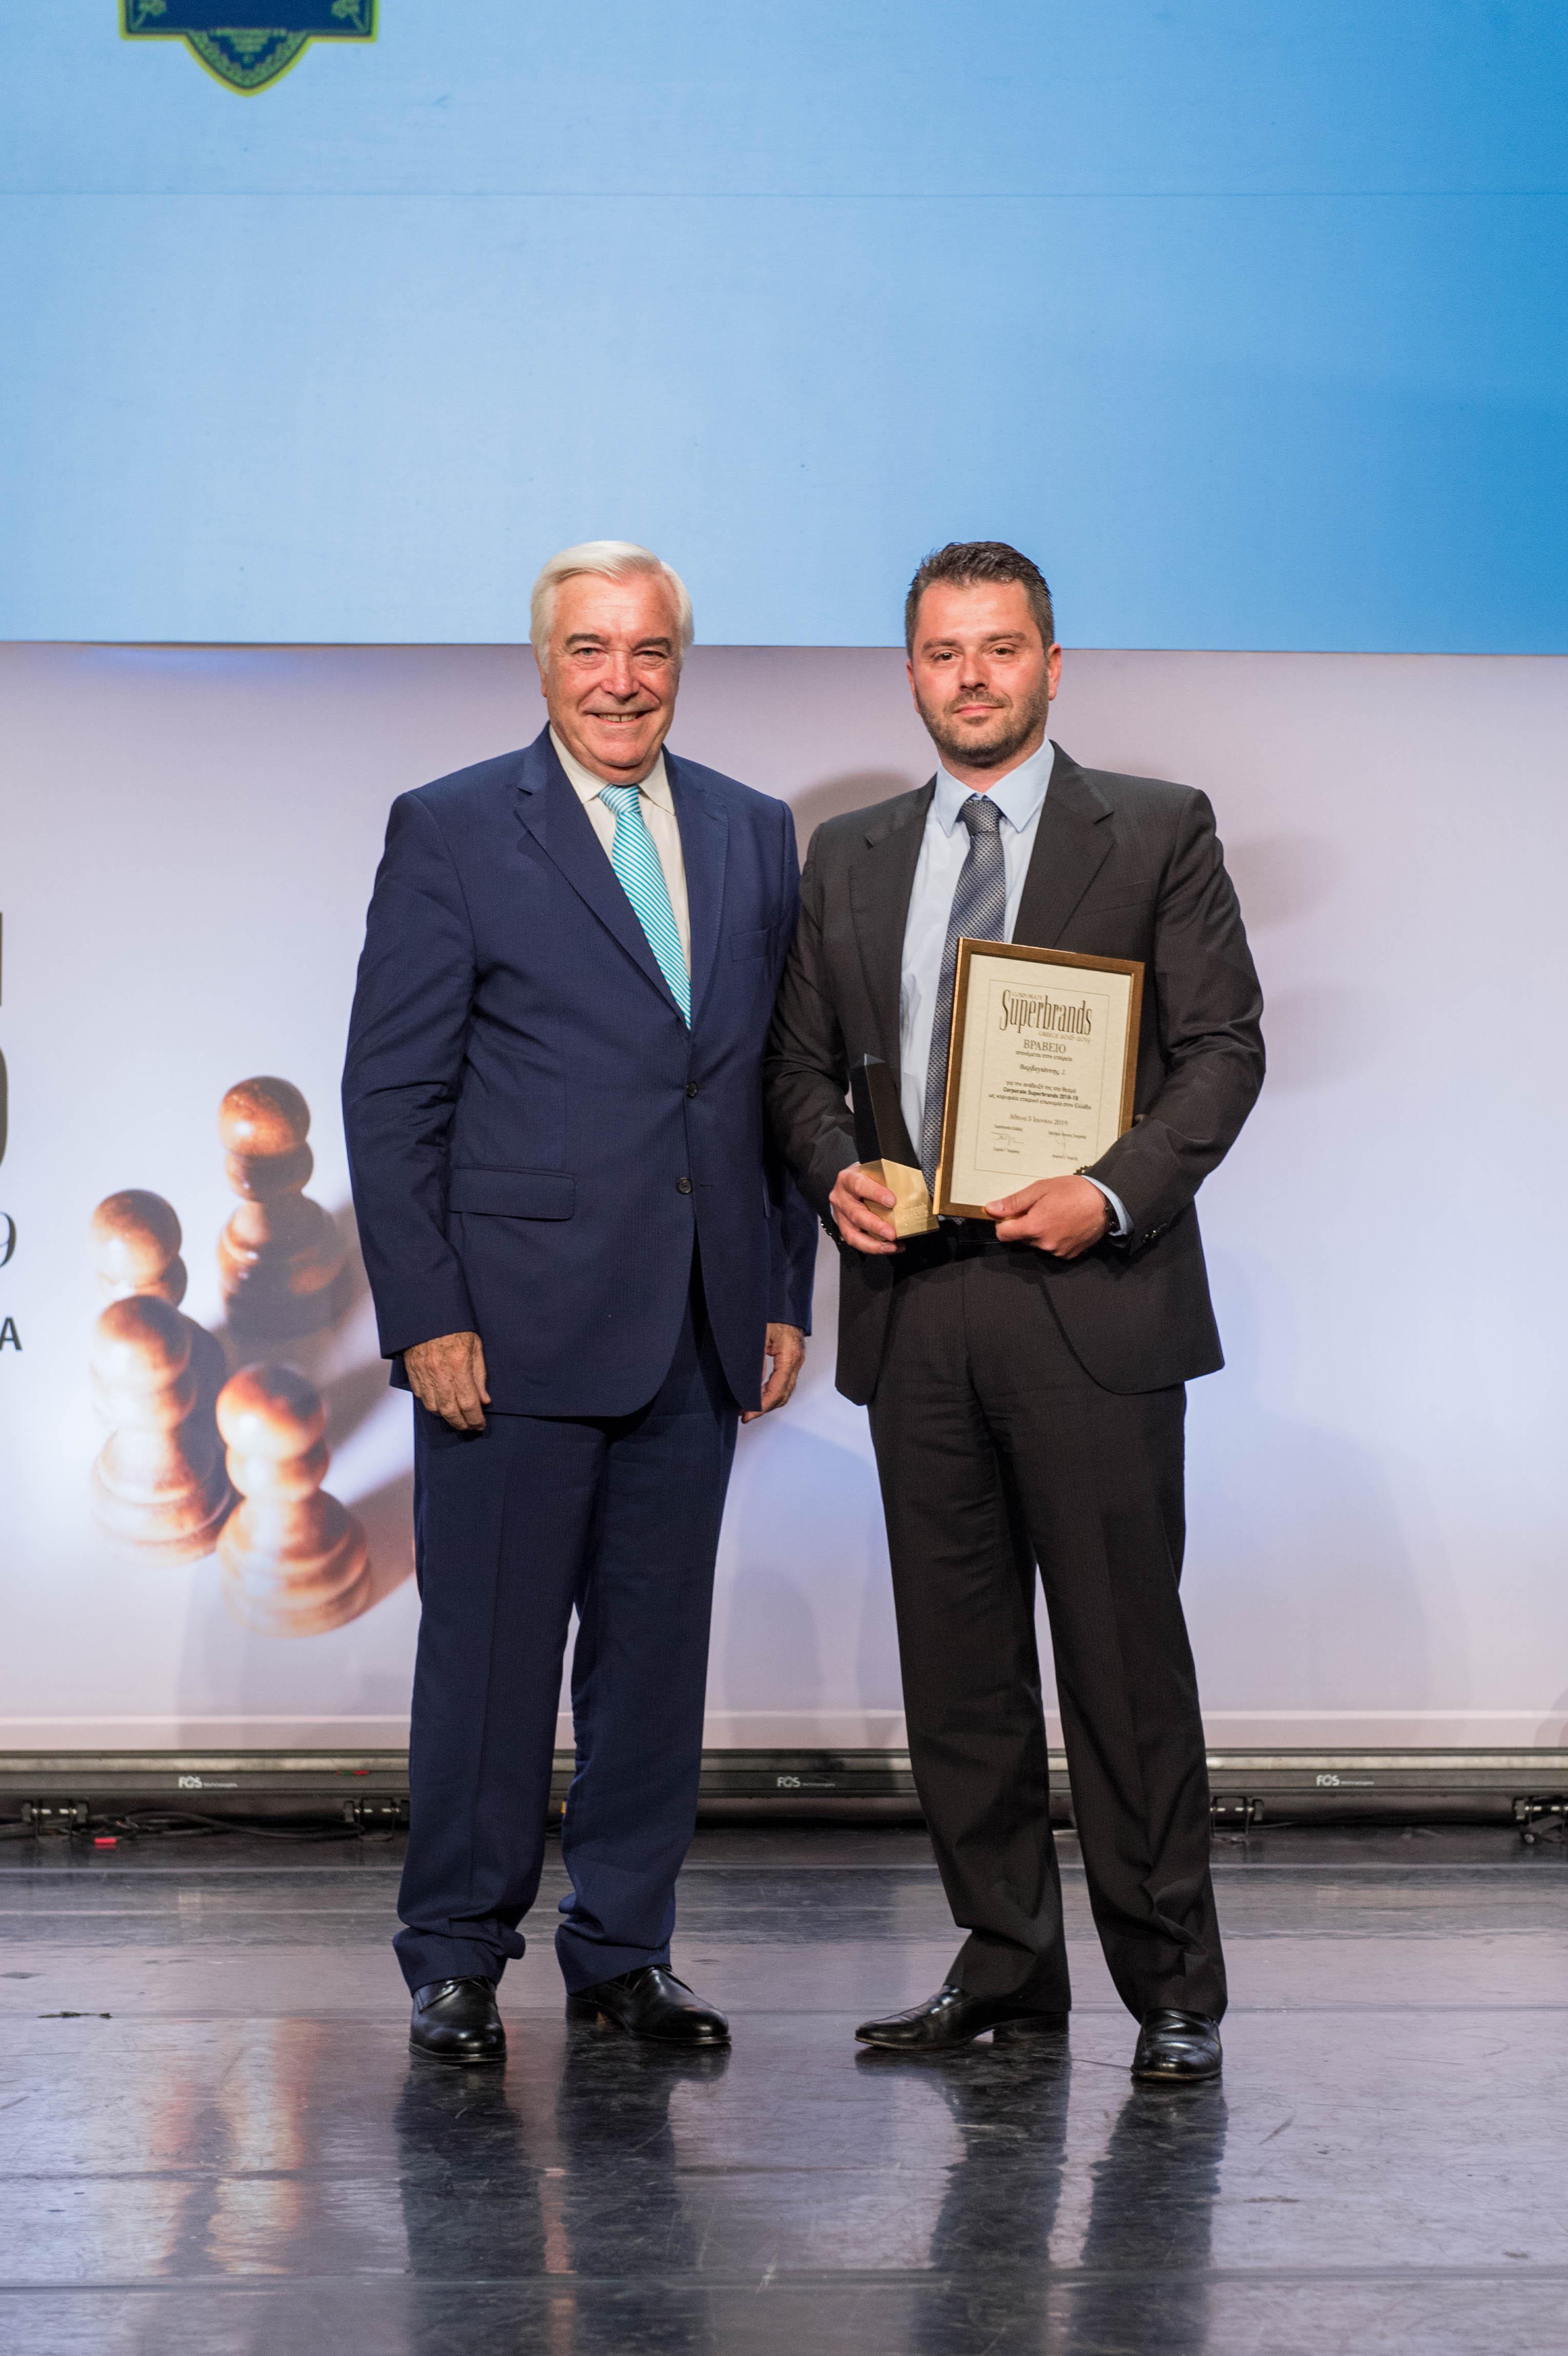 Το Ούζο Βαρβαγιάννη ξεχώρισε ως Κορυφαία Εταιρική Επωνυμία στην Ελλάδα στο διαγωνισμό των Superbrands